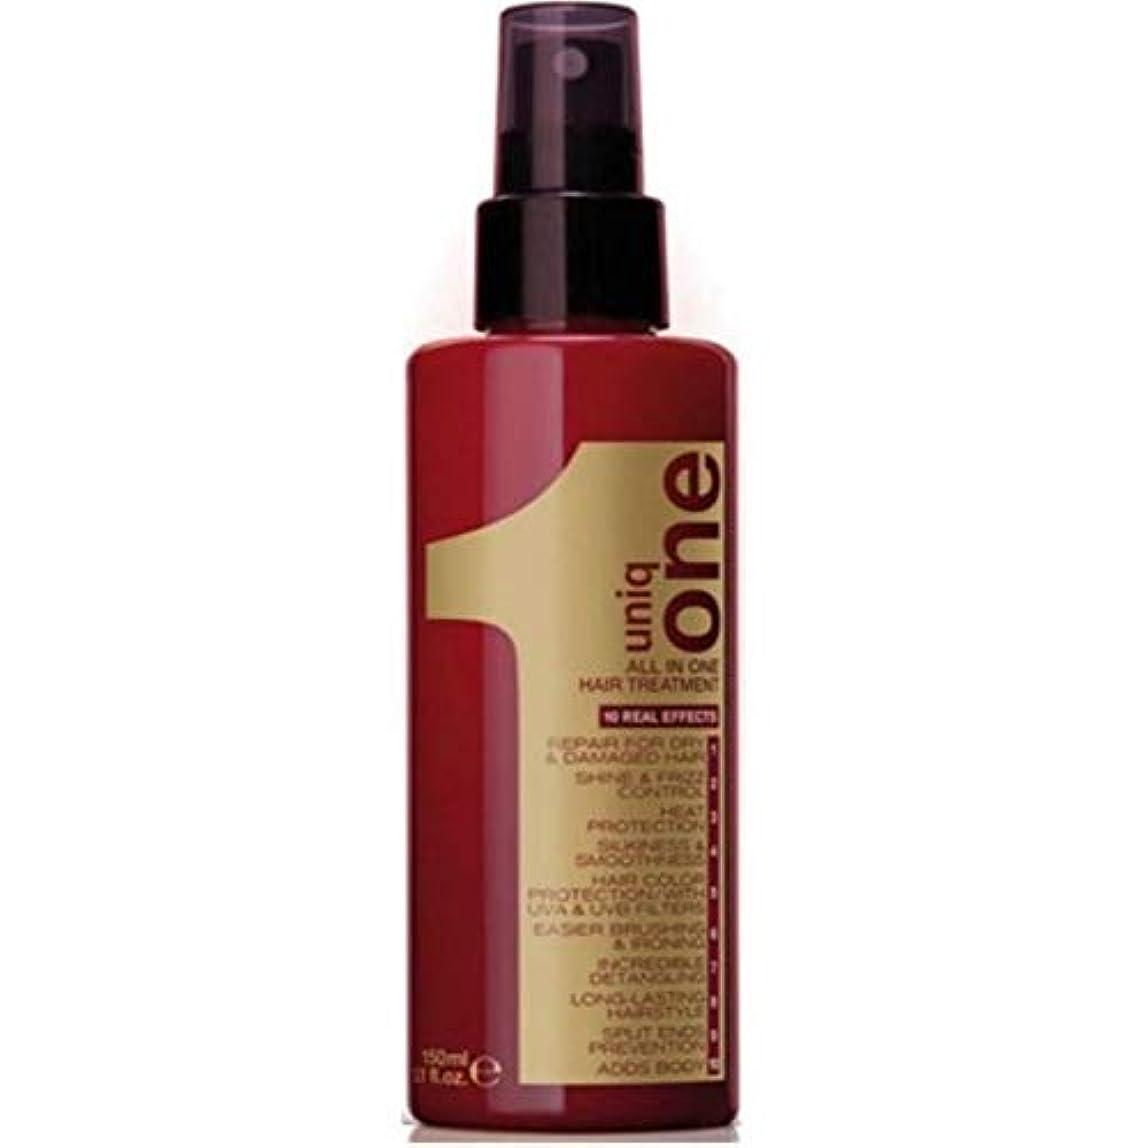 君主制報復ブリリアントUniq One Revlon All In One Hair Treatment 5.1Oz. - New Original by Uniq One by Uniq One